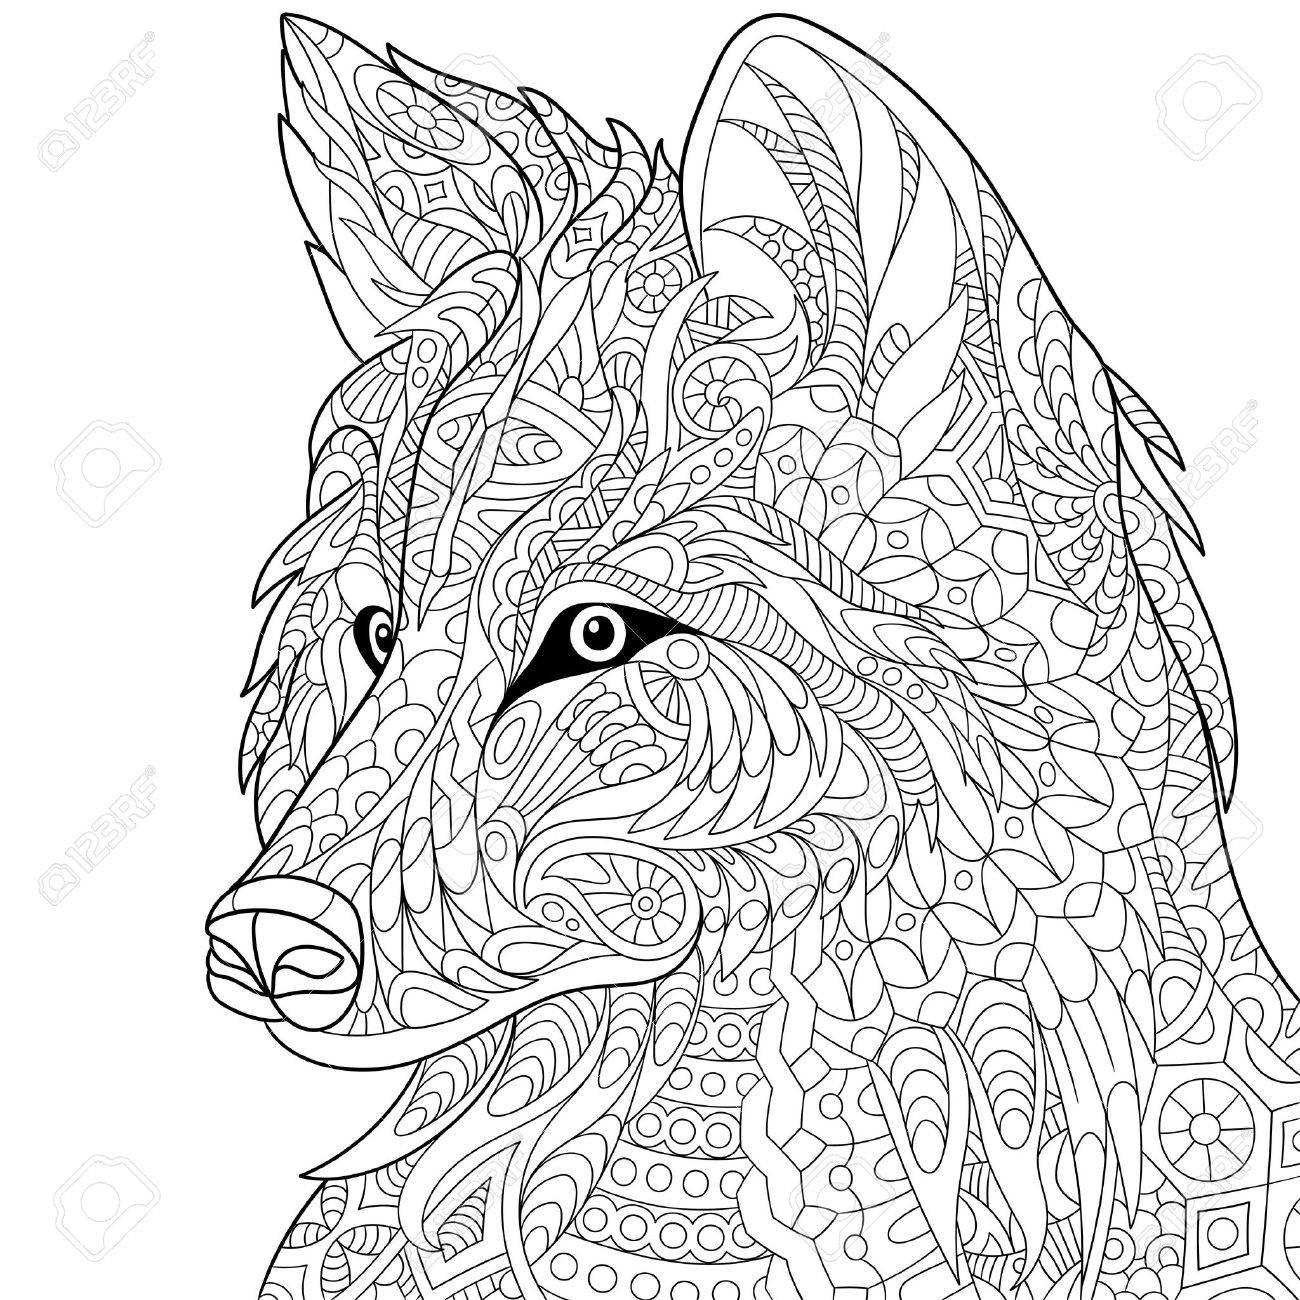 Stilisierte Comic Wolf Isoliert Auf Weissem Hintergrund Hand